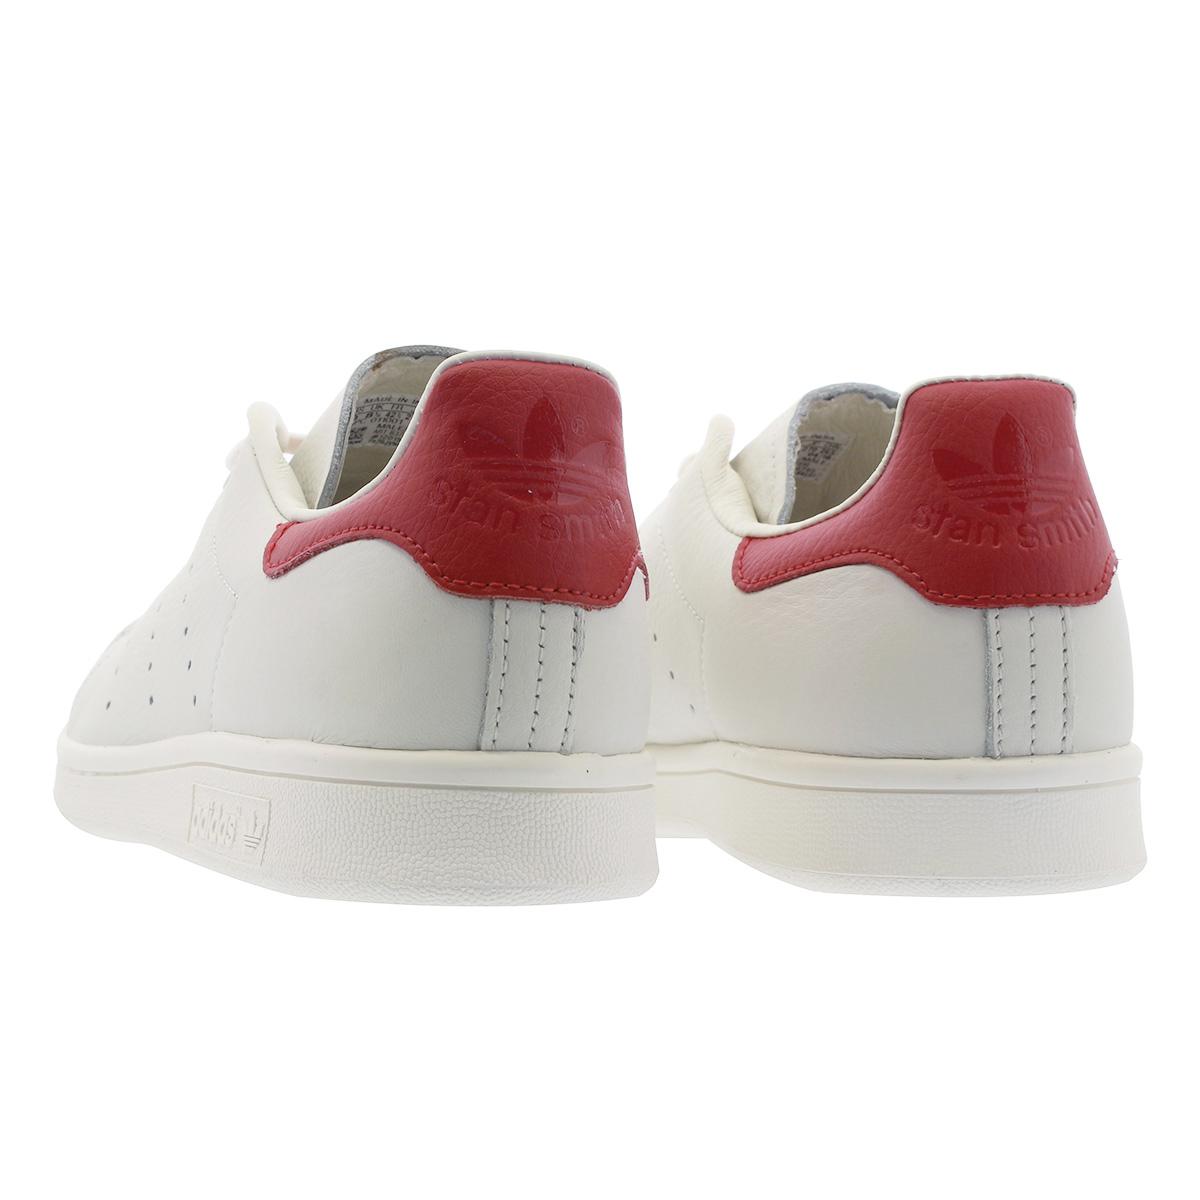 LOWTEX PLUS  adidas STAN SMITH Adidas Stan Smith CHALK WHITE SCARLET ... 3a31e4831